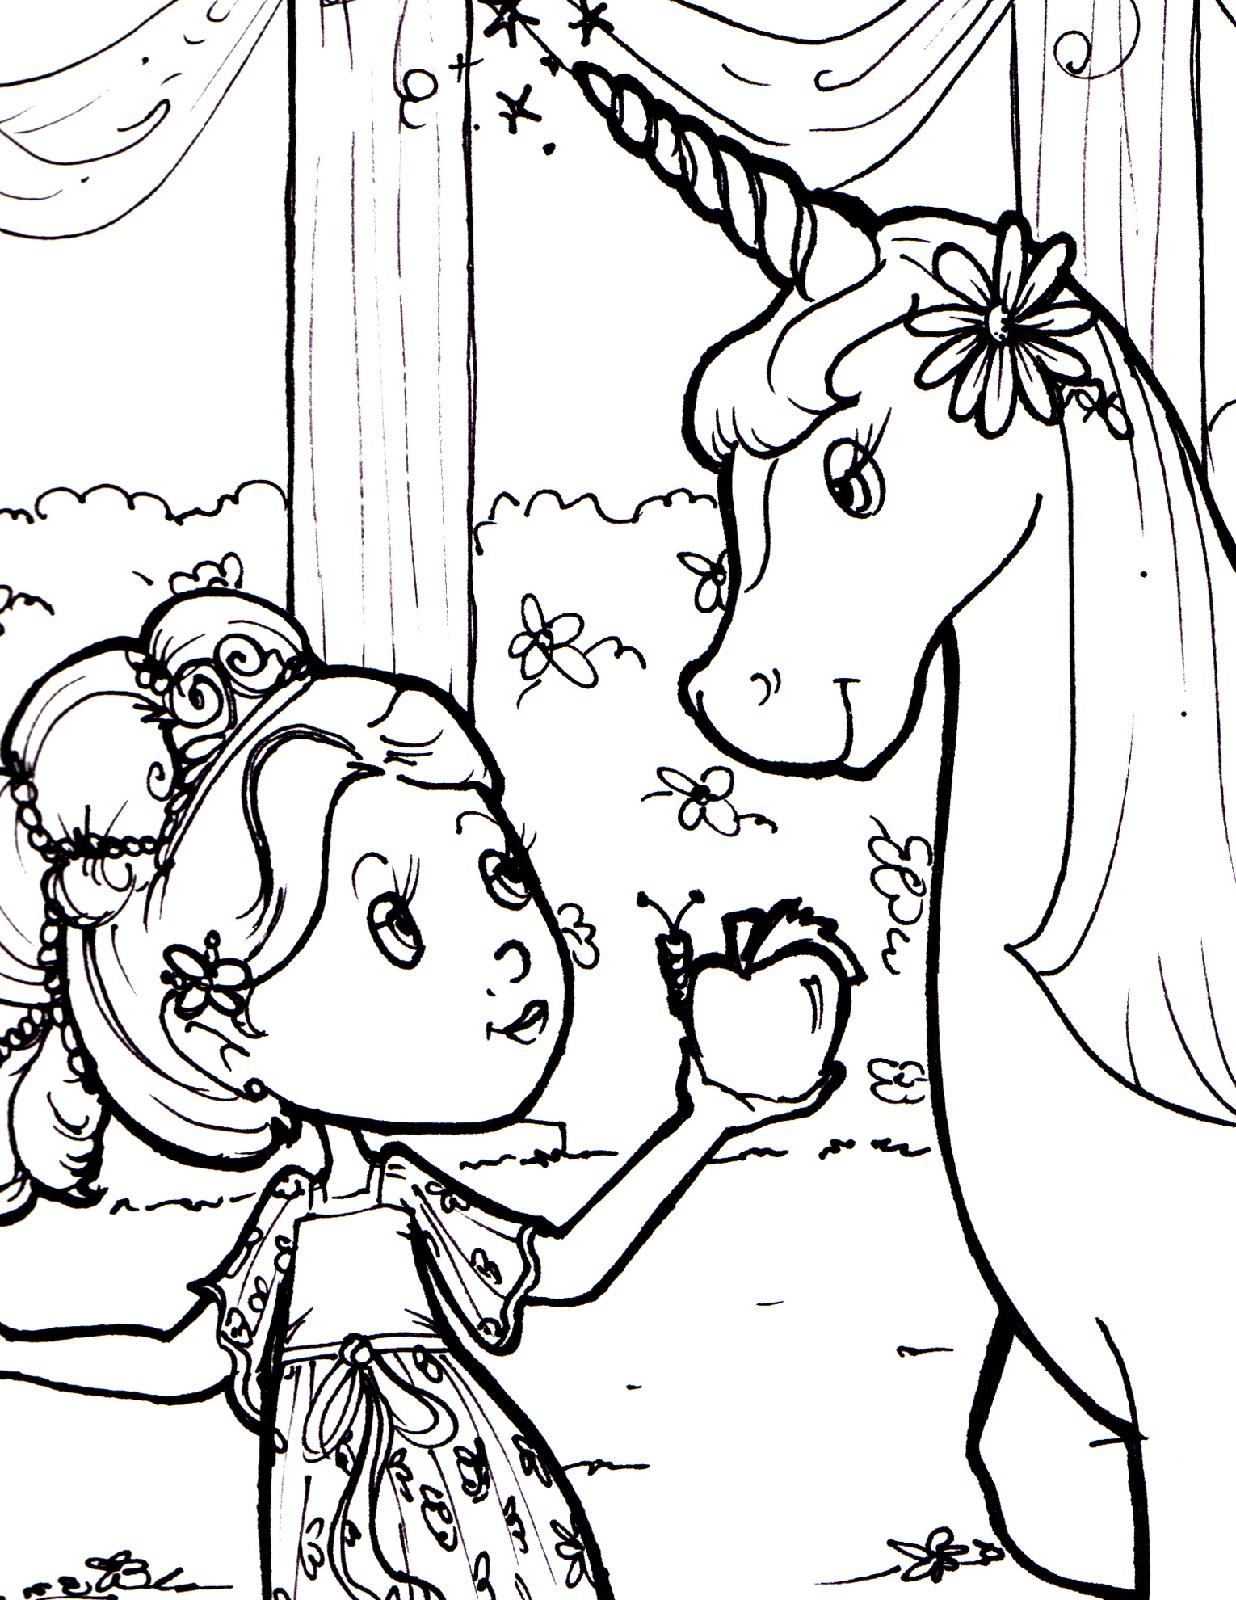 unicorn-color-pages-princess